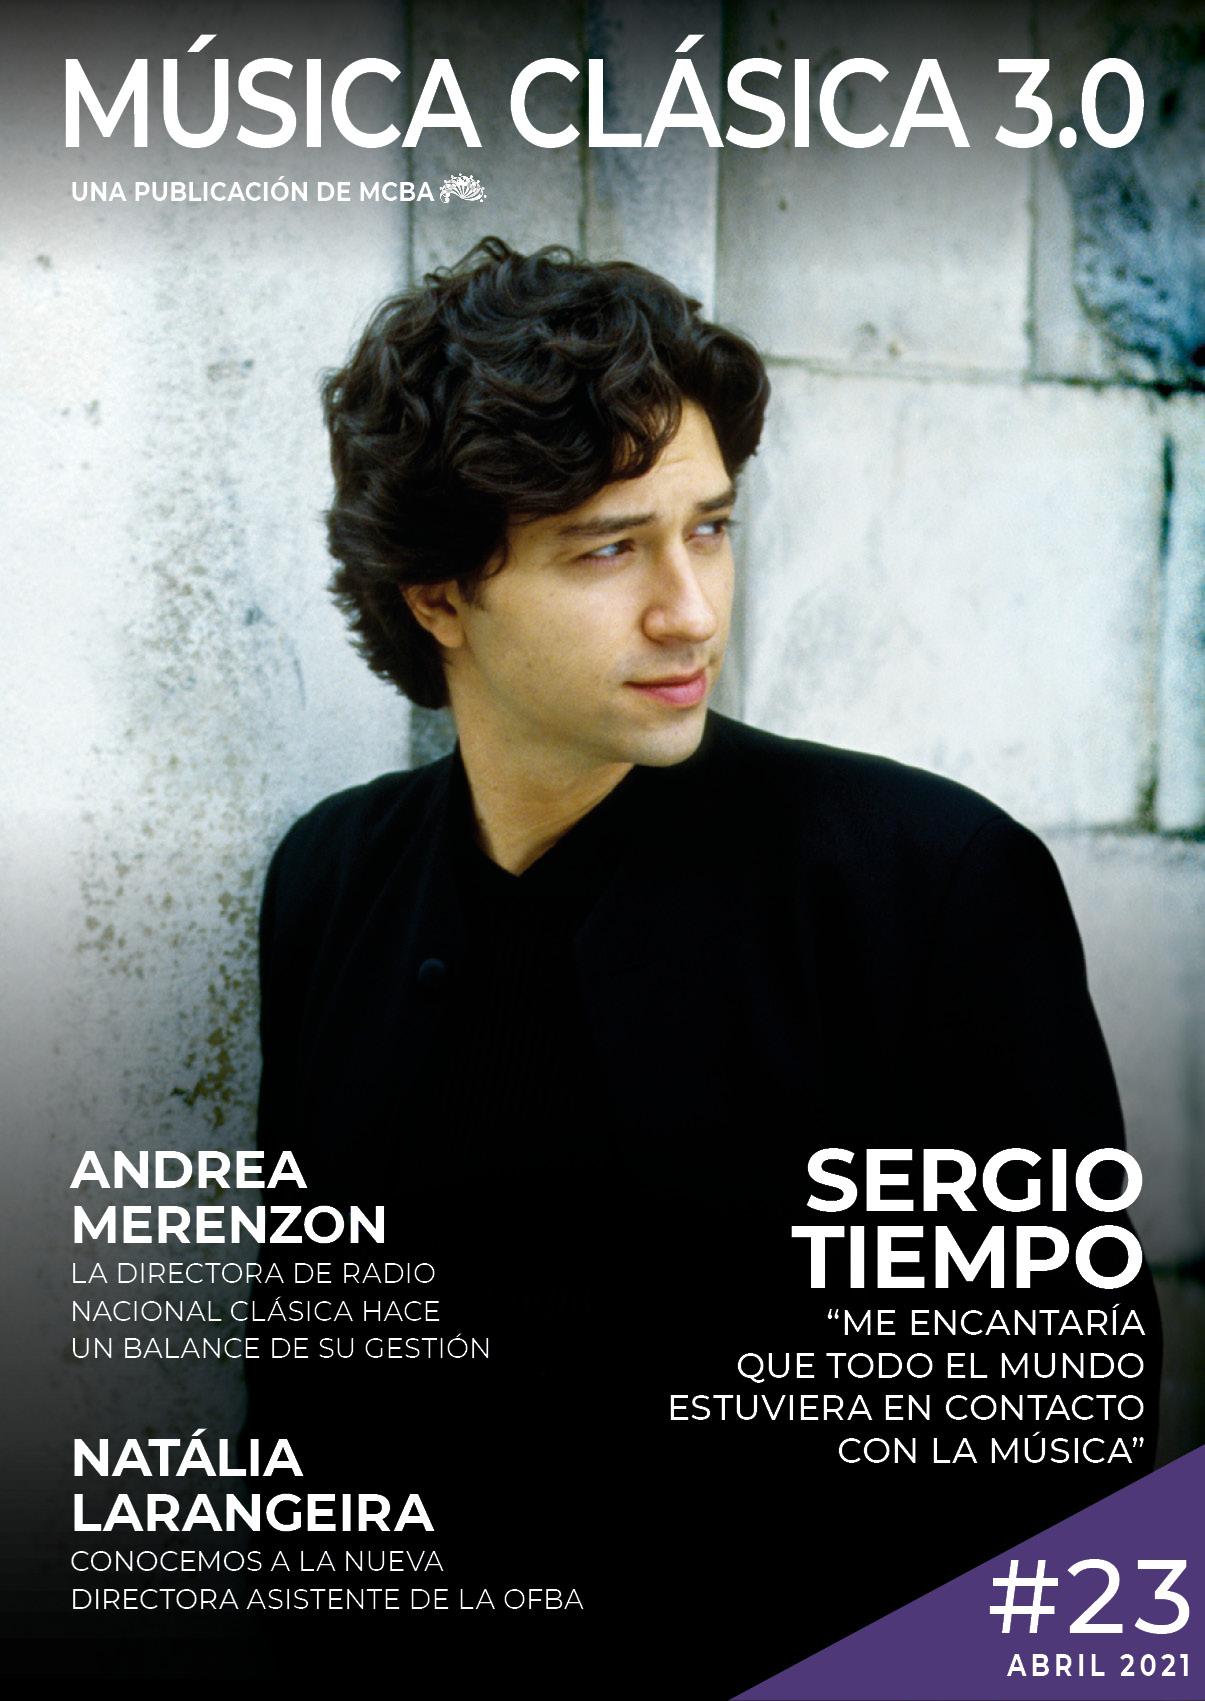 Sergio Tiempo Revista Música Clásica 3.0